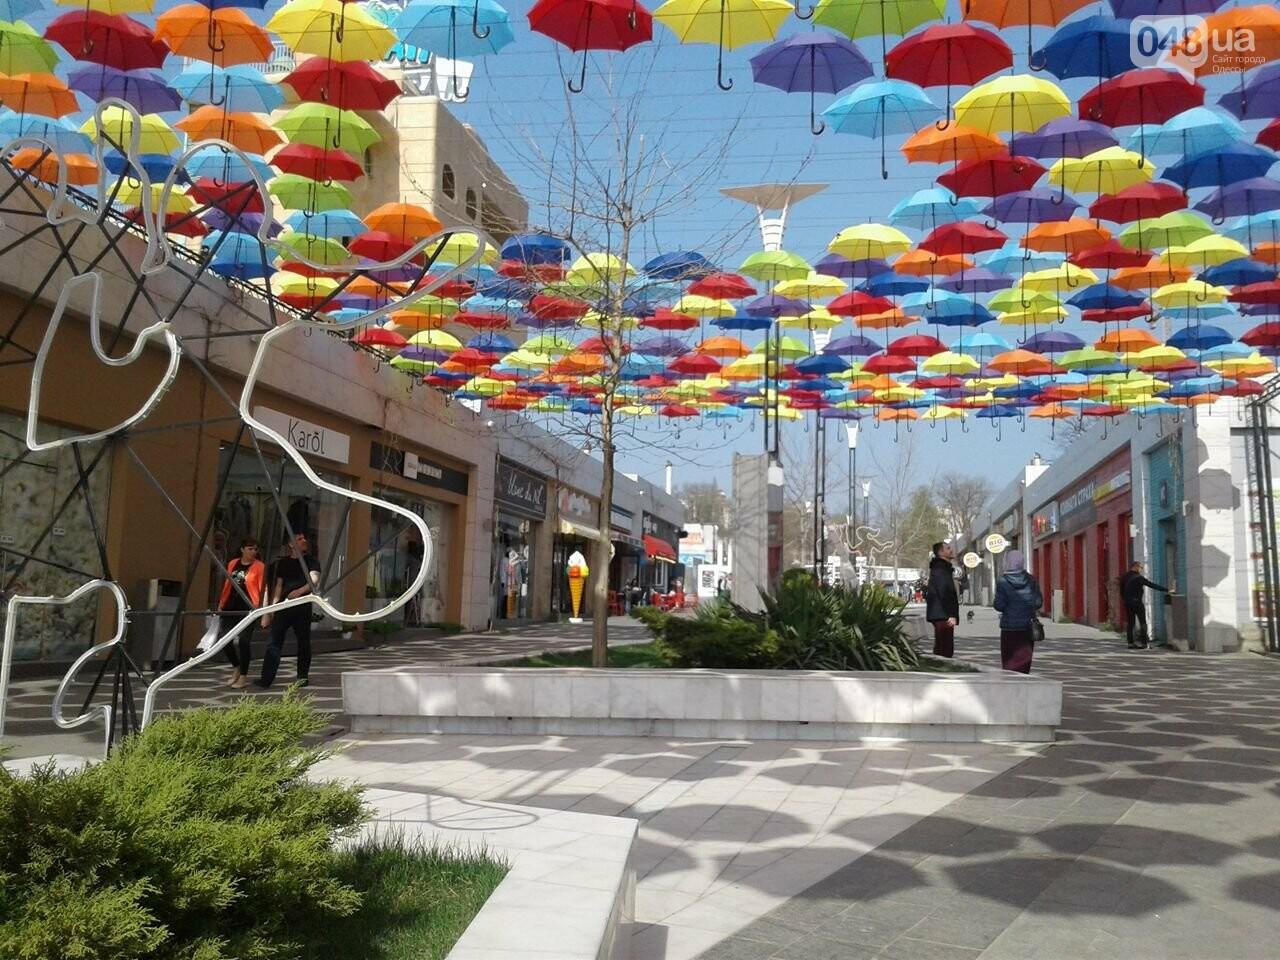 Одесскую Аркадию украсили разноцветные зонты: приходи фотографироваться (ФОТО), фото-6